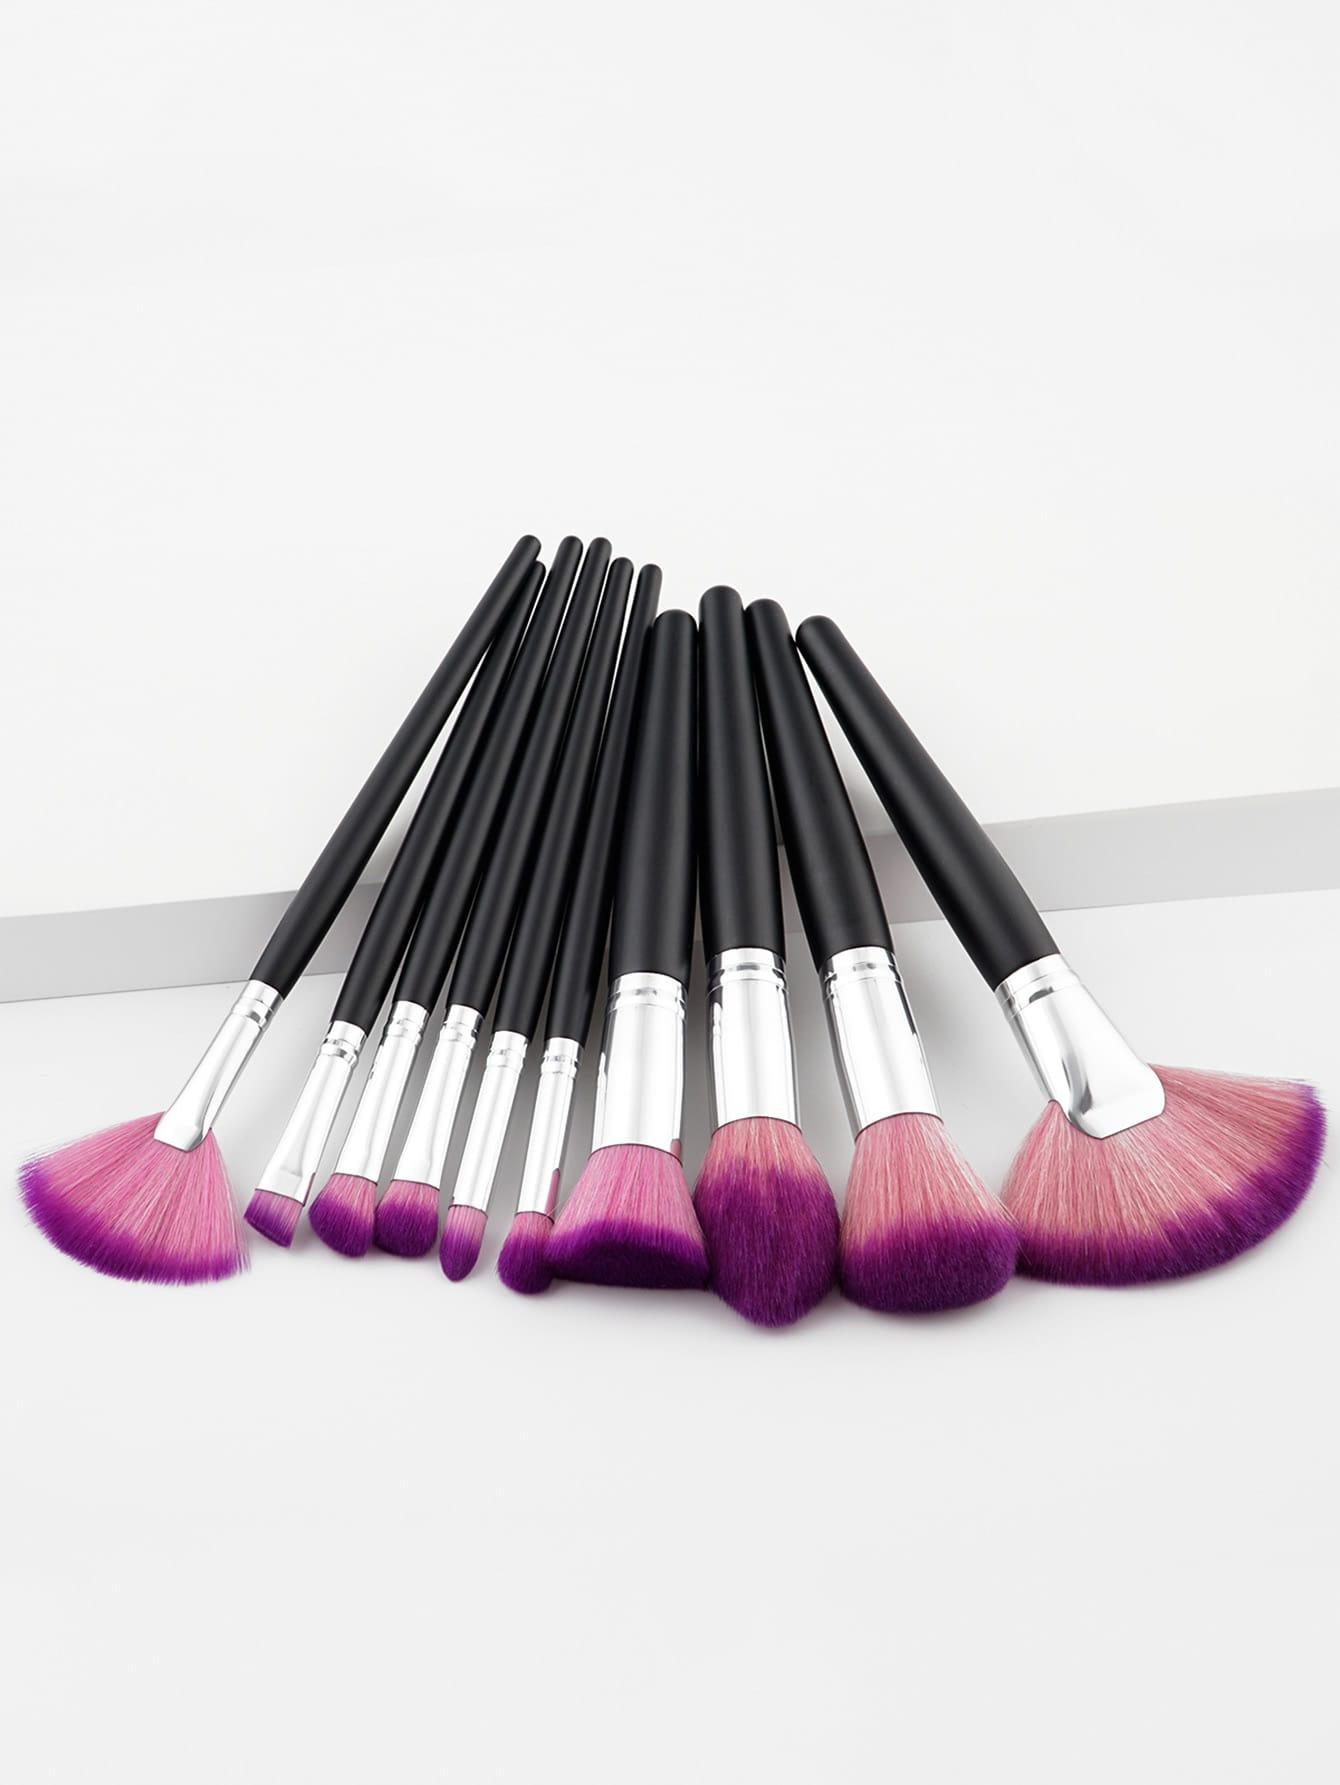 Fan Shaped Makeup Brush Set 10pcs